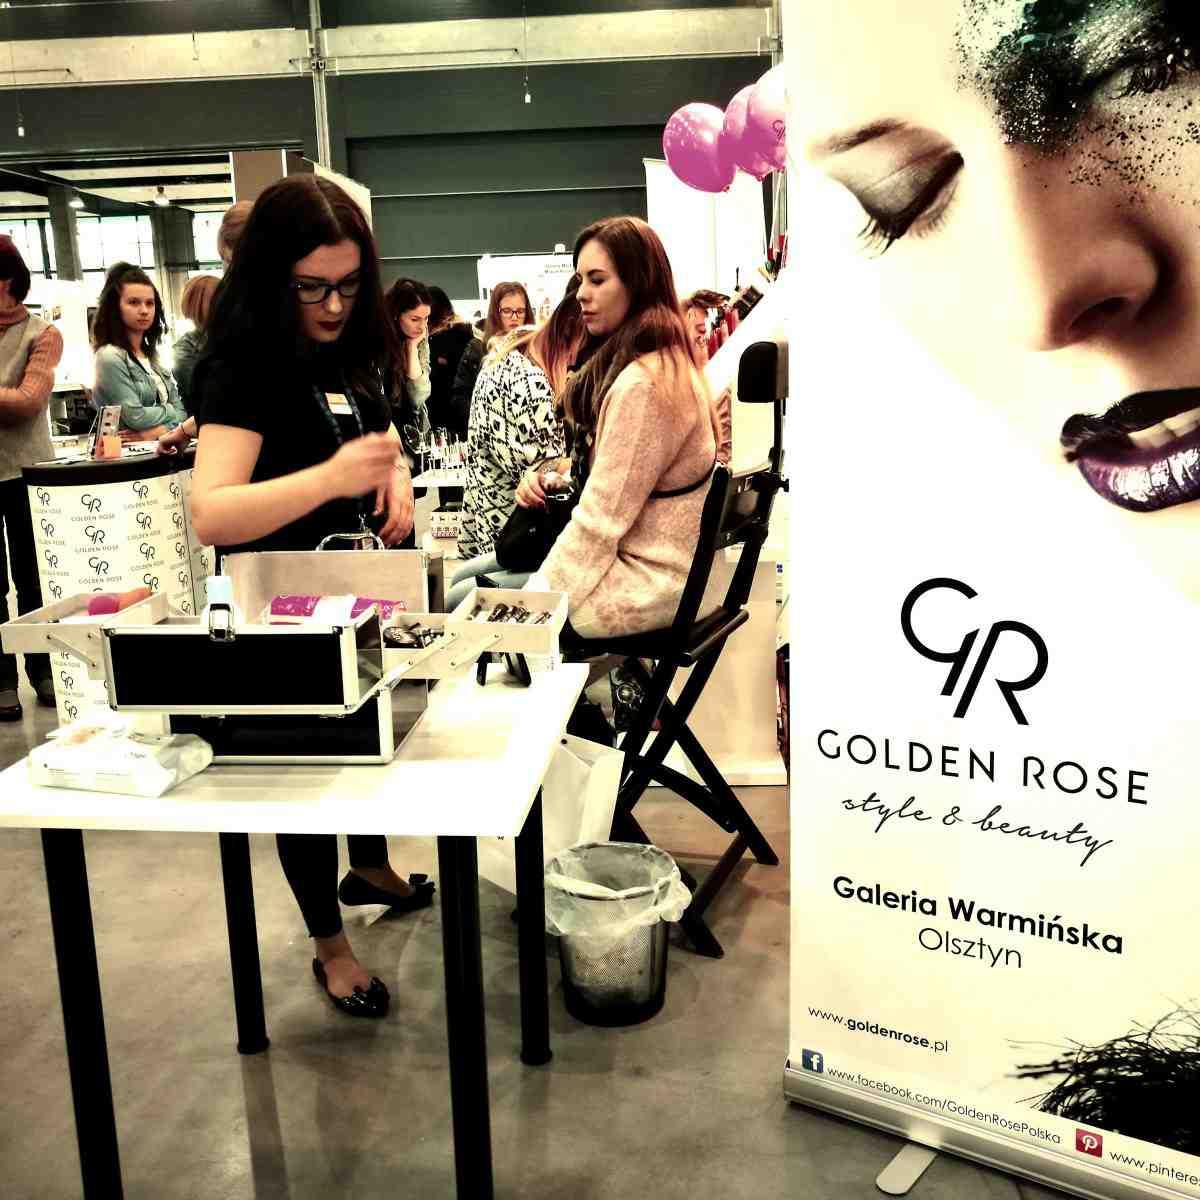 Wizażyści Golden Rose spotkali się z Wami na  targach urodowych! Tym razem zawitaliśmy do Ostródy !